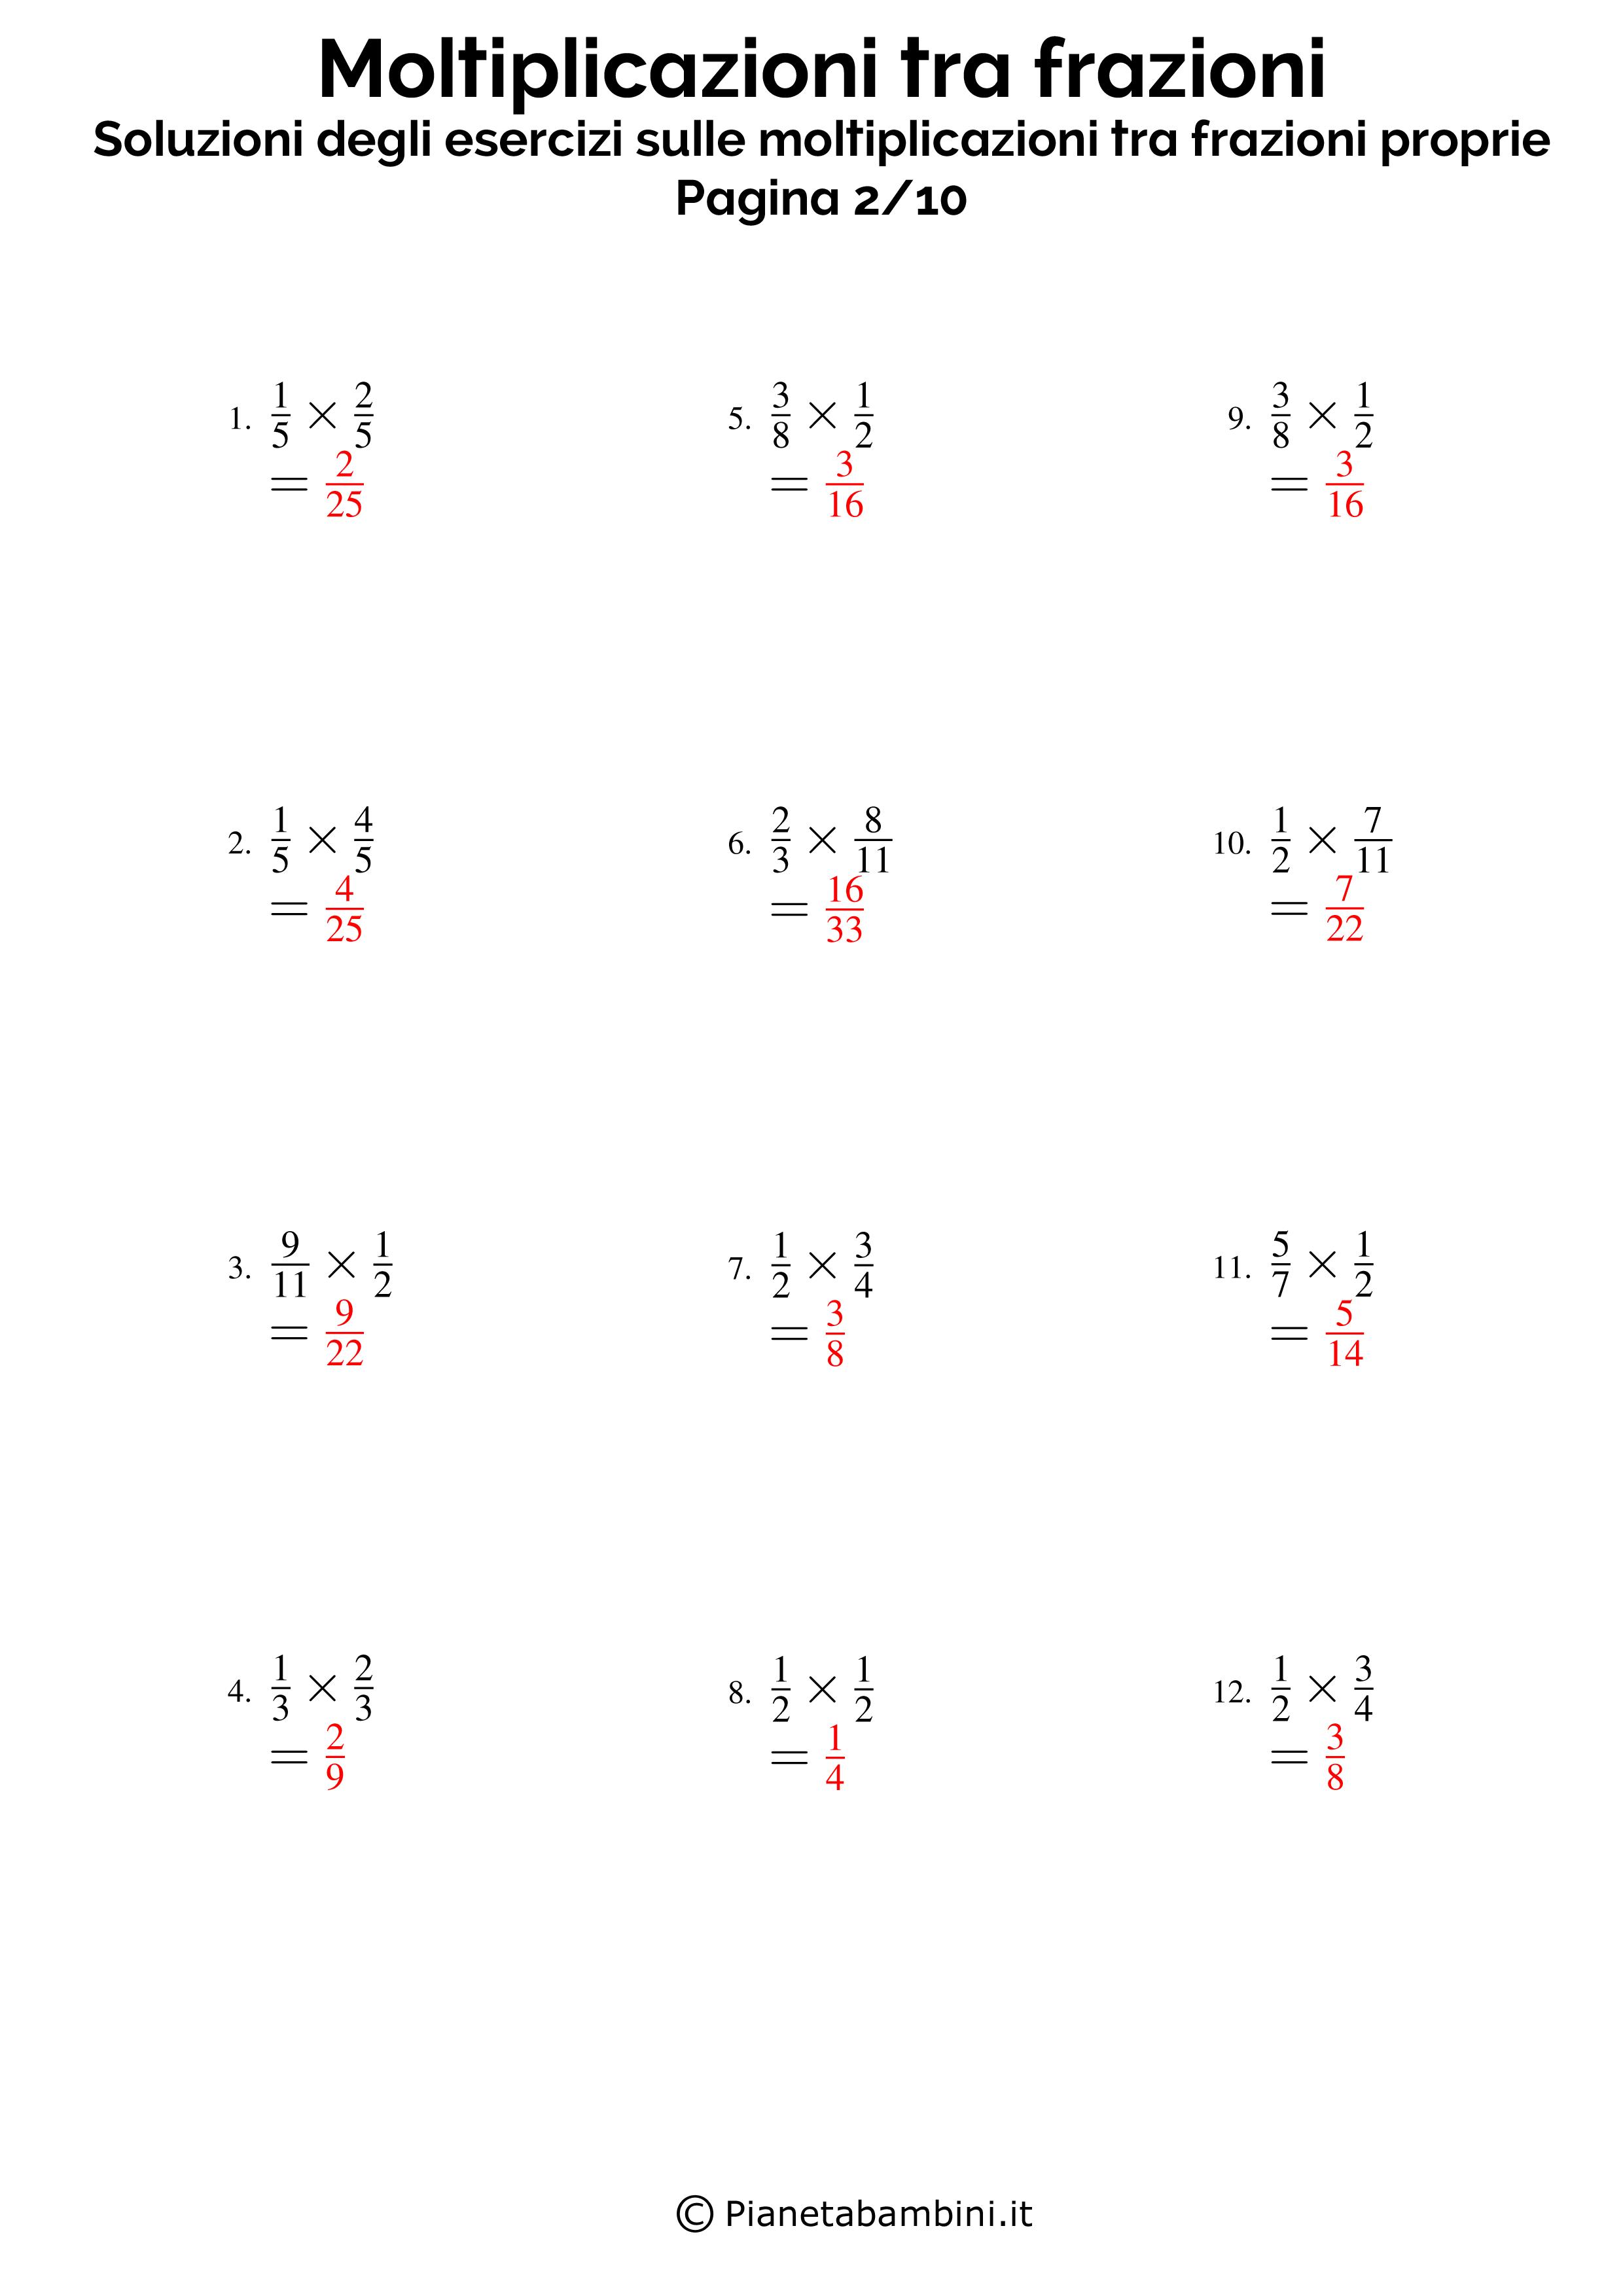 Soluzioni-Moltiplicazioni-Frazioni-Proprie_02